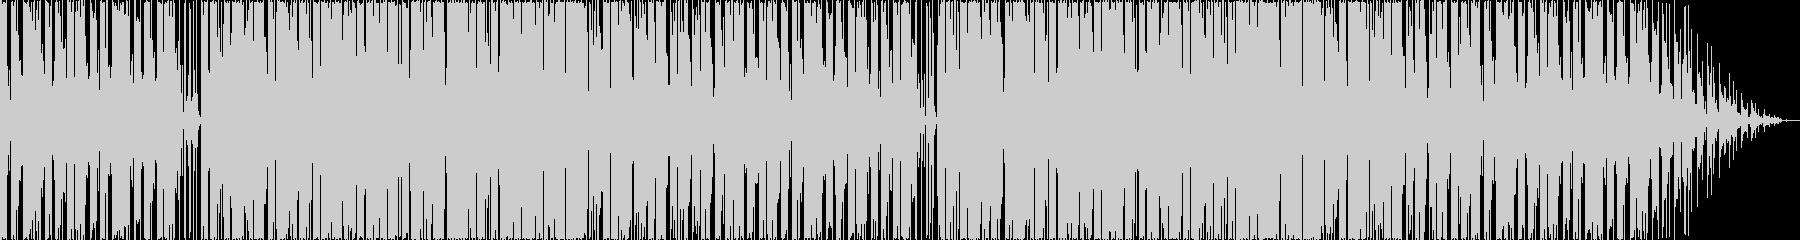 のんびりオシャレなギターサウンドの未再生の波形